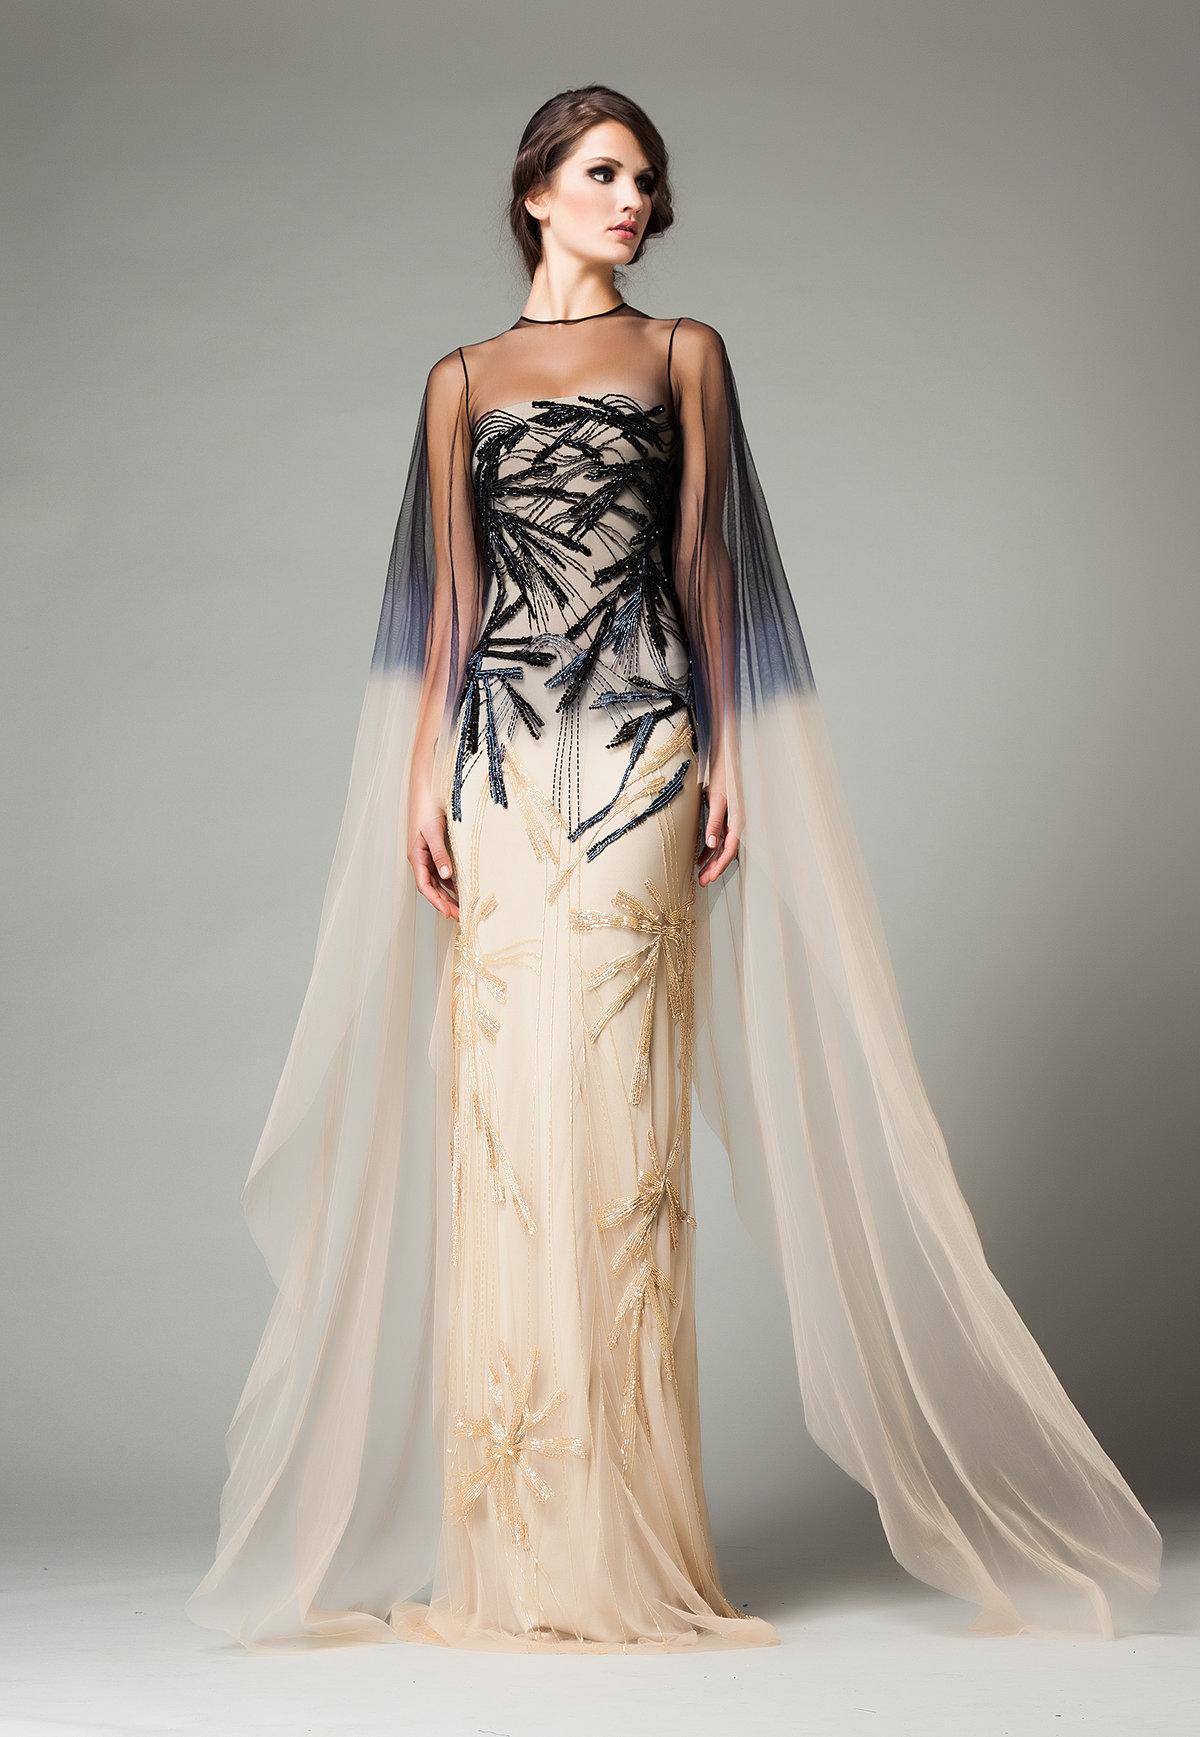 обои картинки платья известных брендов аверин утверждает